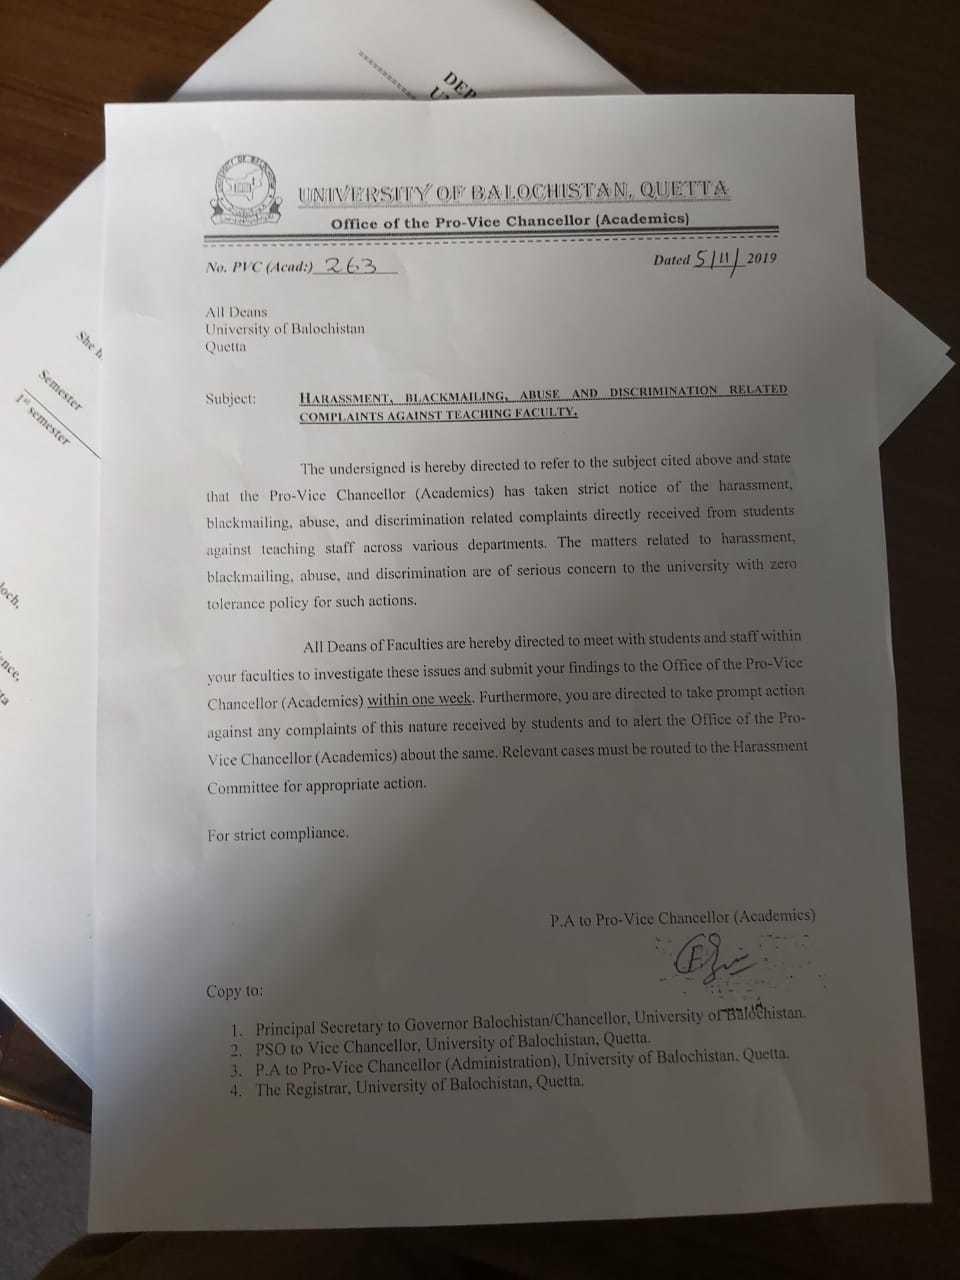 وائس چانسلرز کے دفتر سے ڈپارٹمنٹ کے سربراہاں کو فیکلٹی ممبران کے خلاف کارروائی کے لیے بھیجا گیا خط